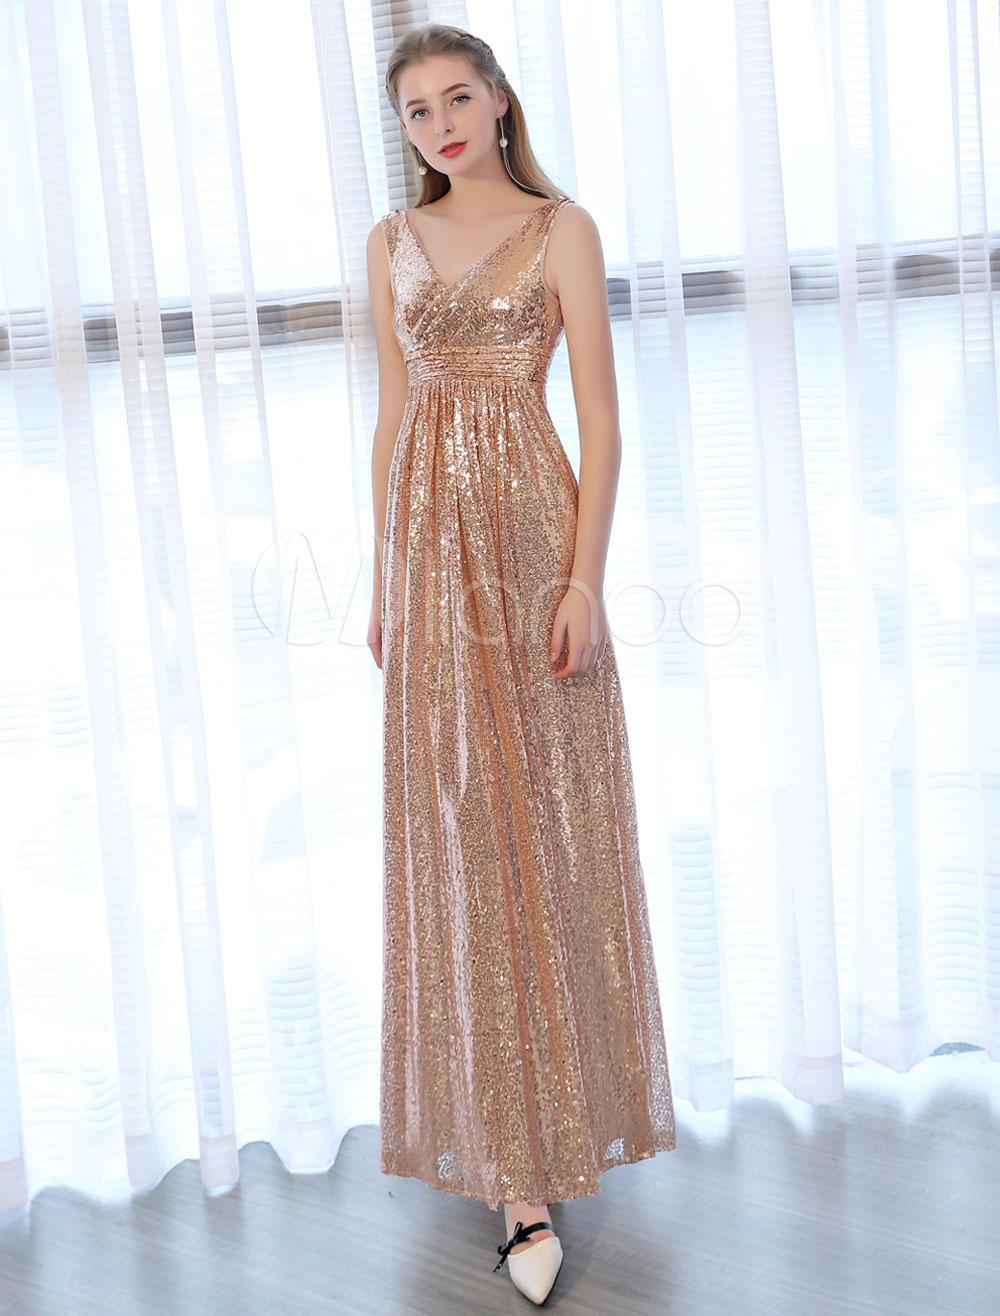 Buy Sequin Prom Dresses Long Light Gold Evening Dress V Neck Pleaded Sleeveless Floor Length Formal Gowns for $96.79 in Milanoo store